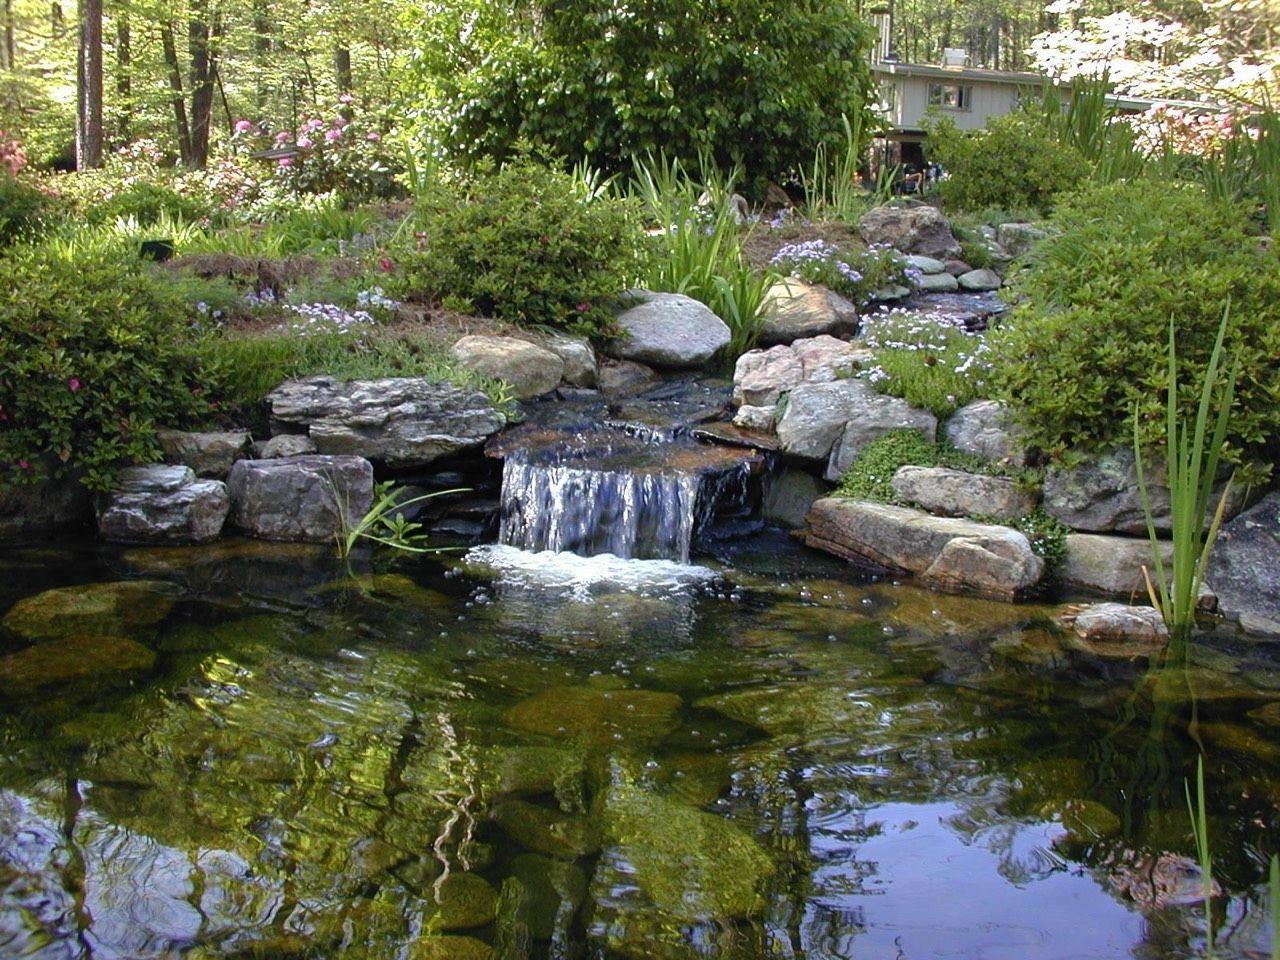 волосы тонкие водяные лестницы ручей пруд фото примета привязывается факту